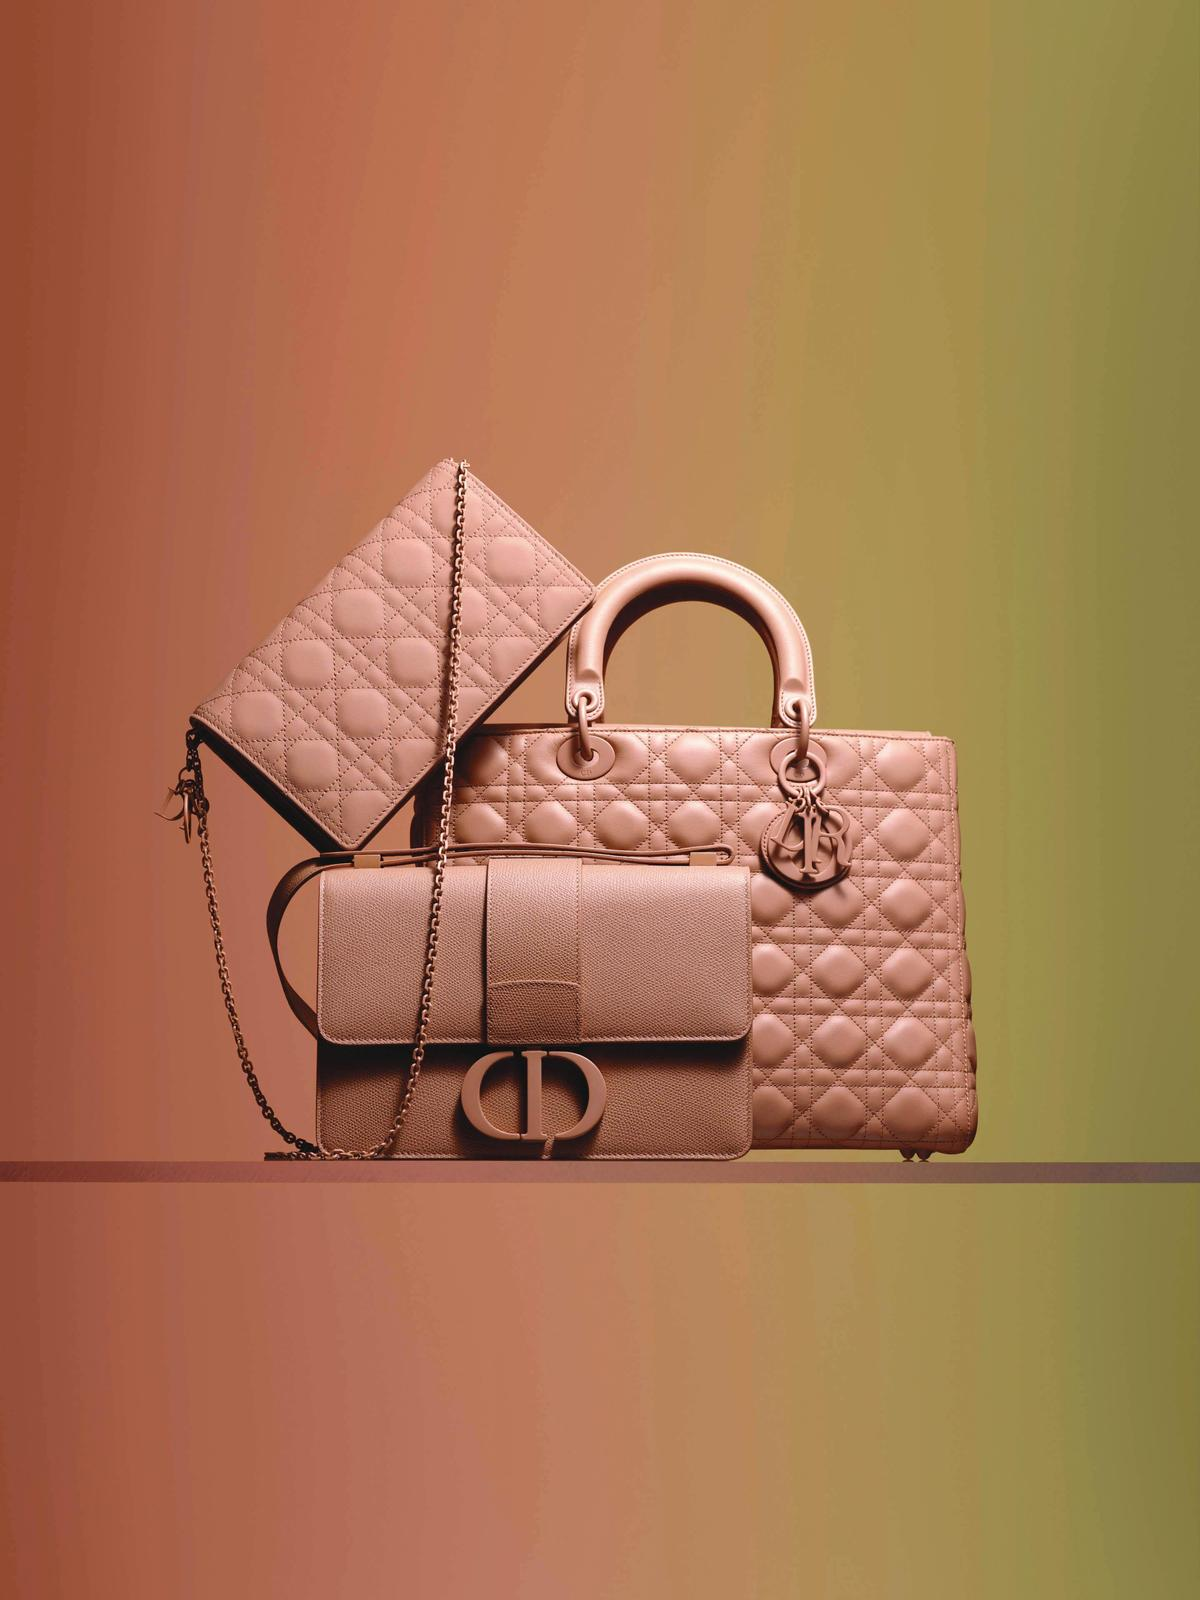 Dior ULTRA MATTE COLORAMA極致霧彩配件系列中的粉膚色包款。NT$58,000~NT$150,000不等。(Dior提供)